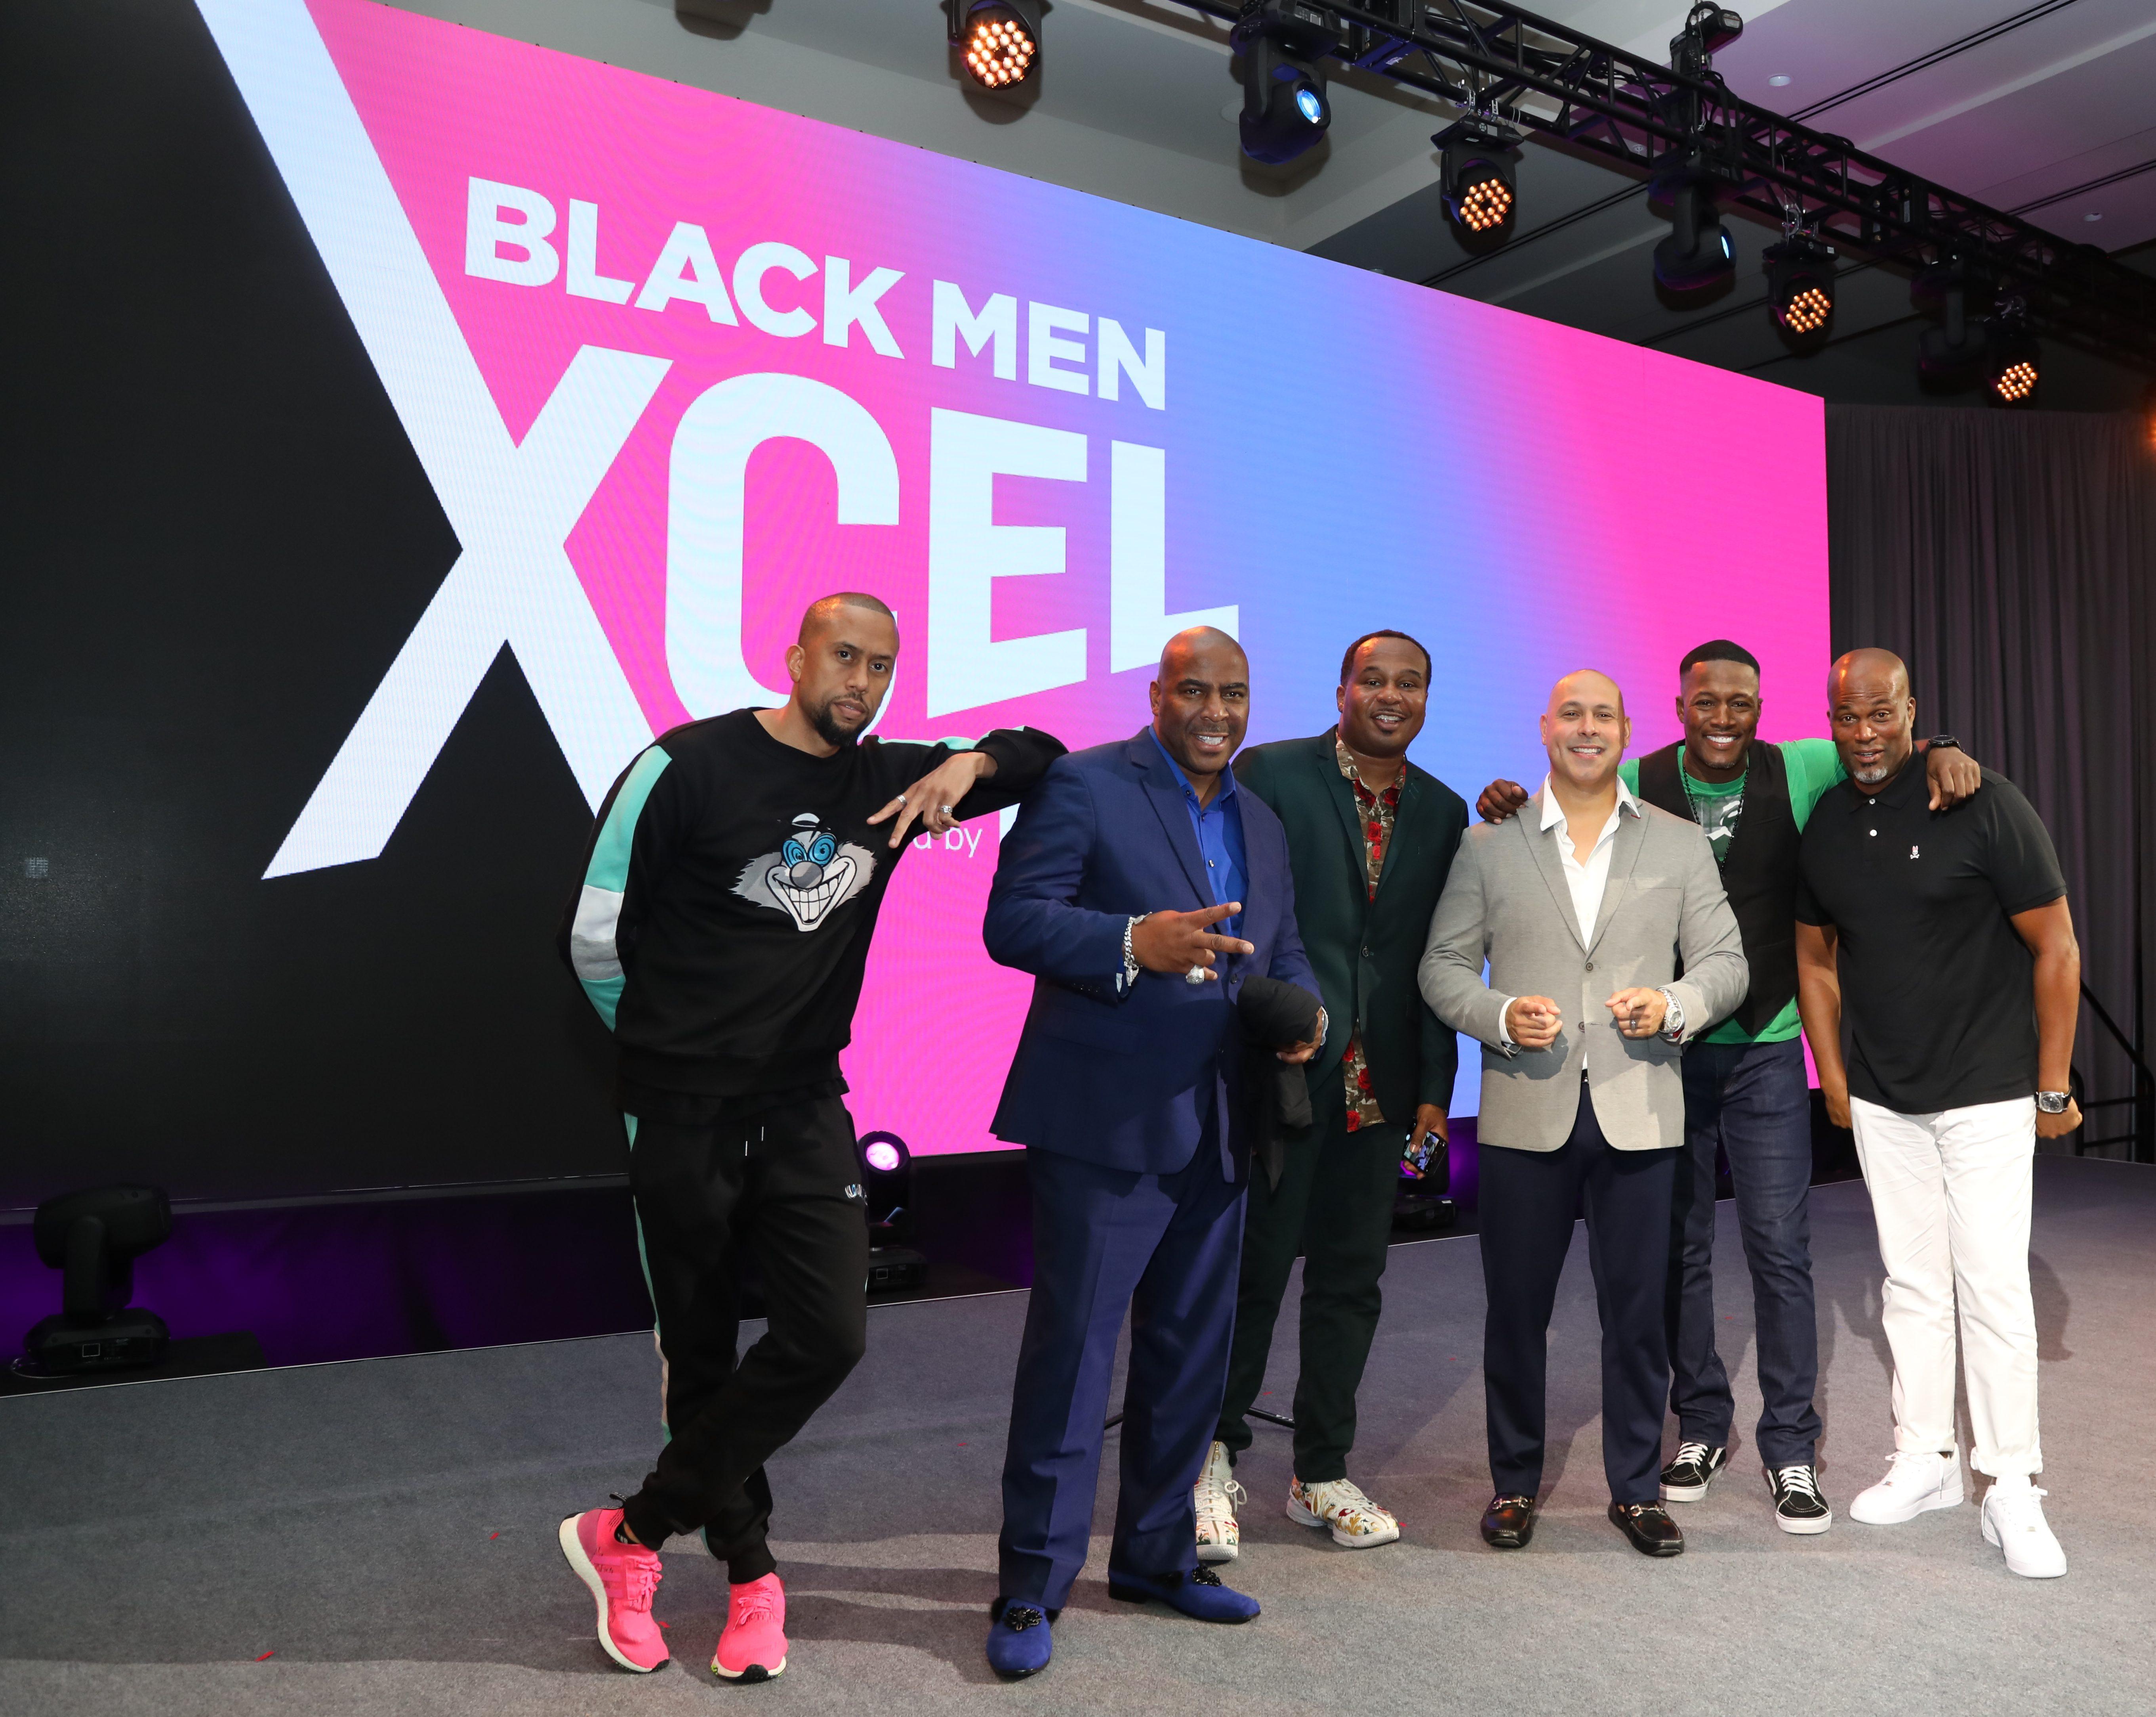 Black Men Xcel